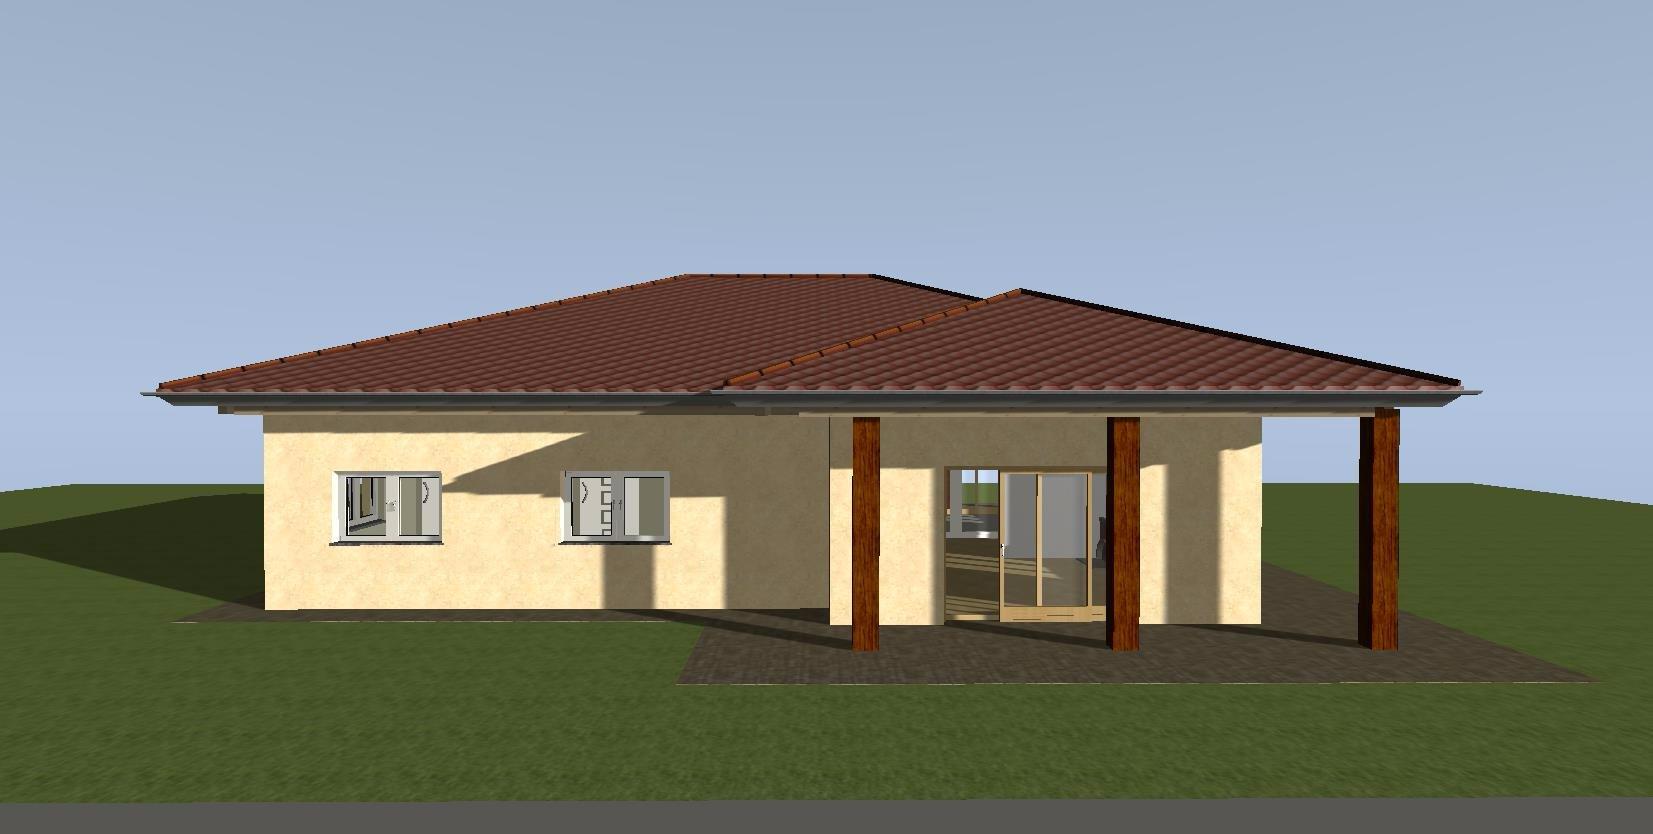 Costruzione edificio mono piano con tetto in legno mq ...